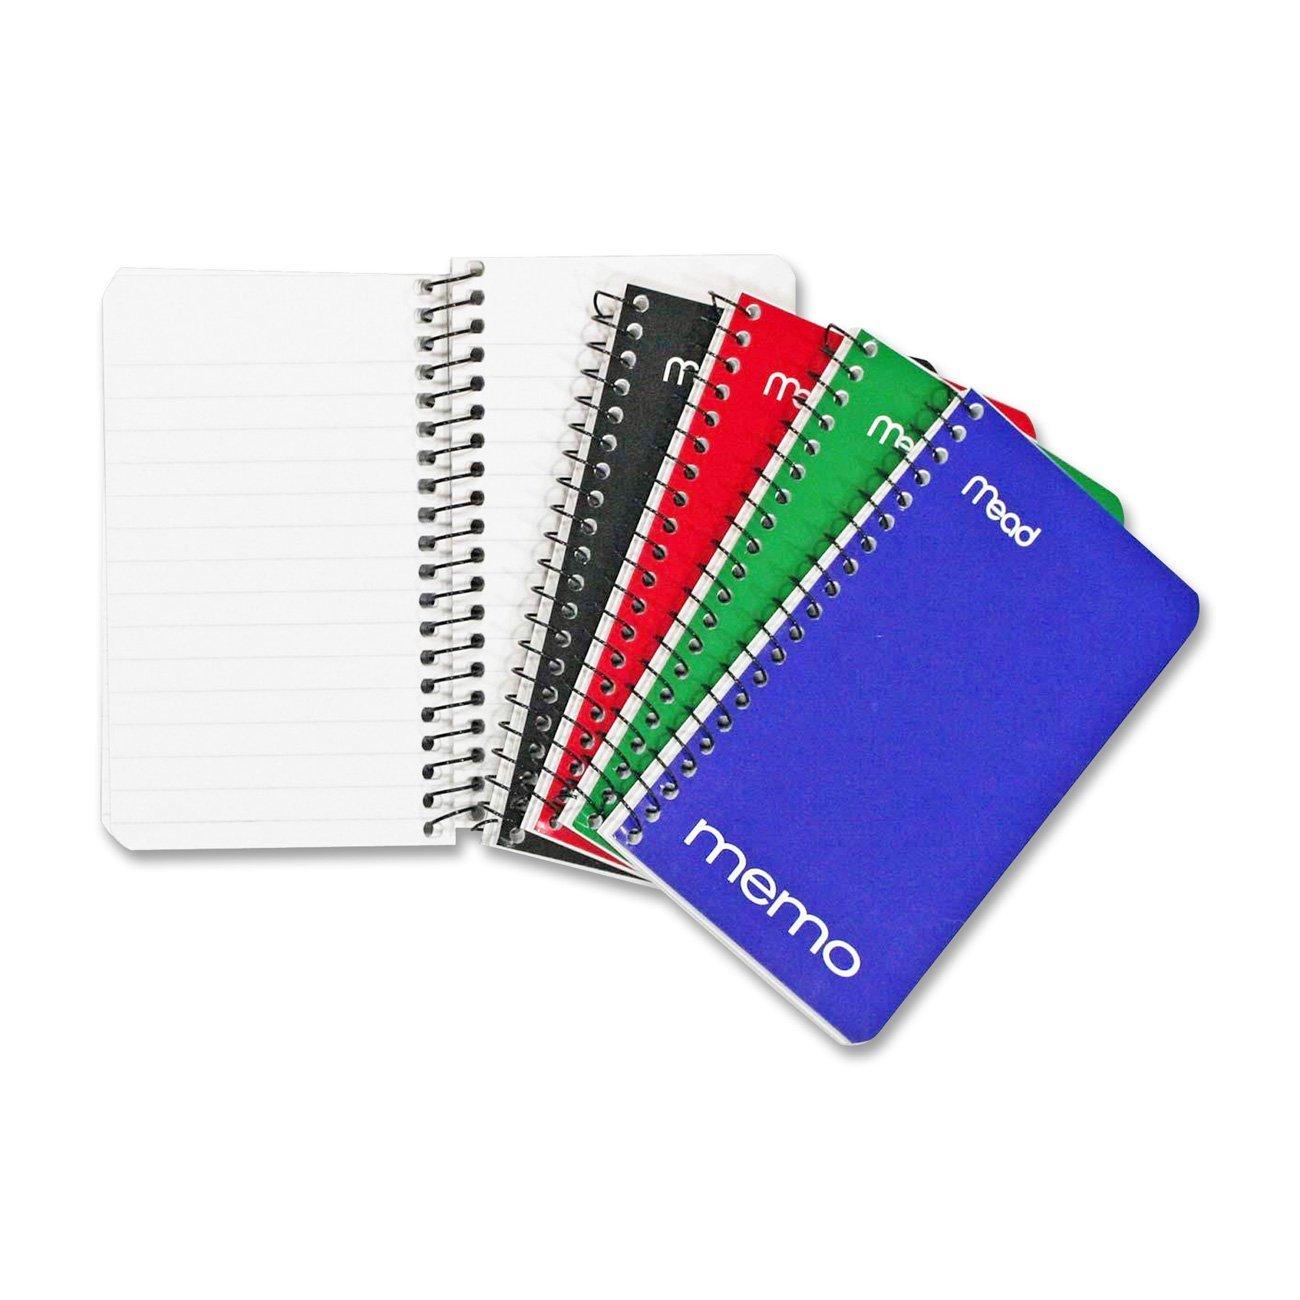 Mead Memo Book. Photo: Press release